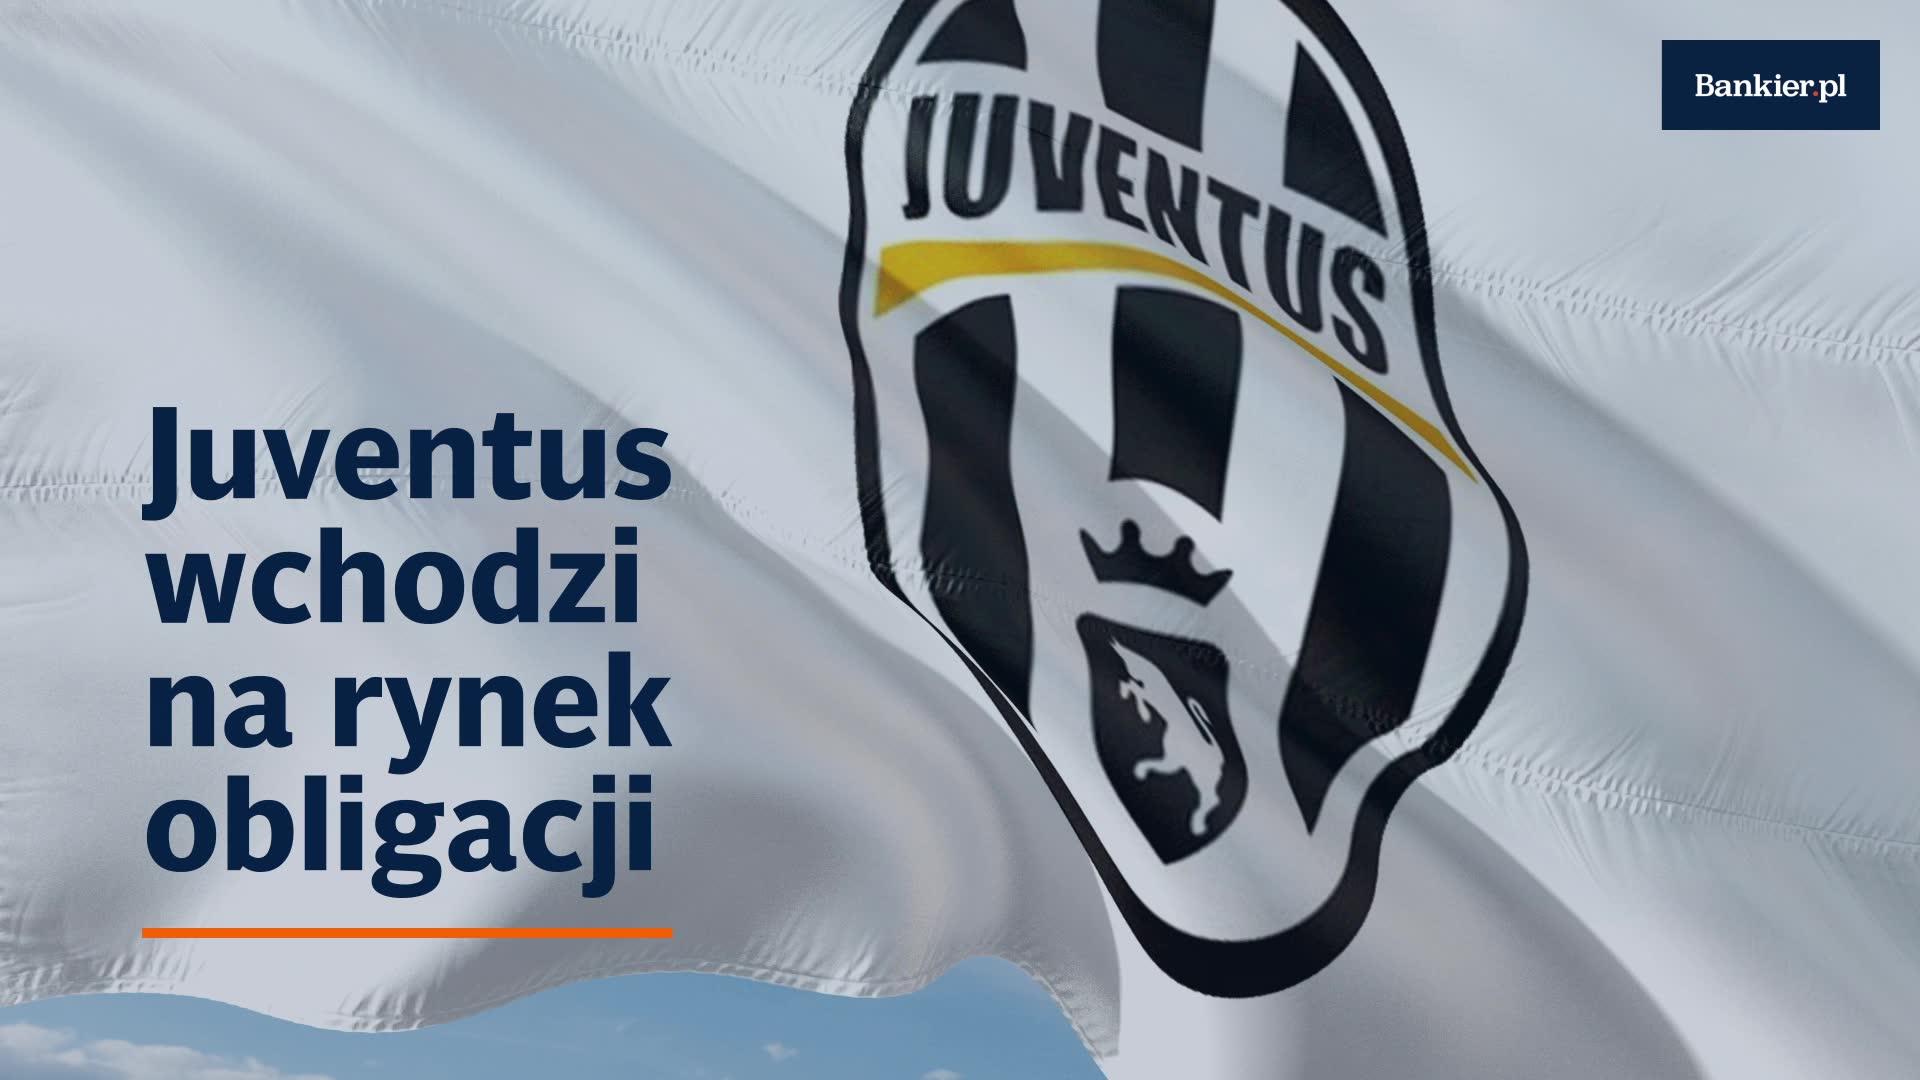 Juventus wchodzi na rynek obligacji